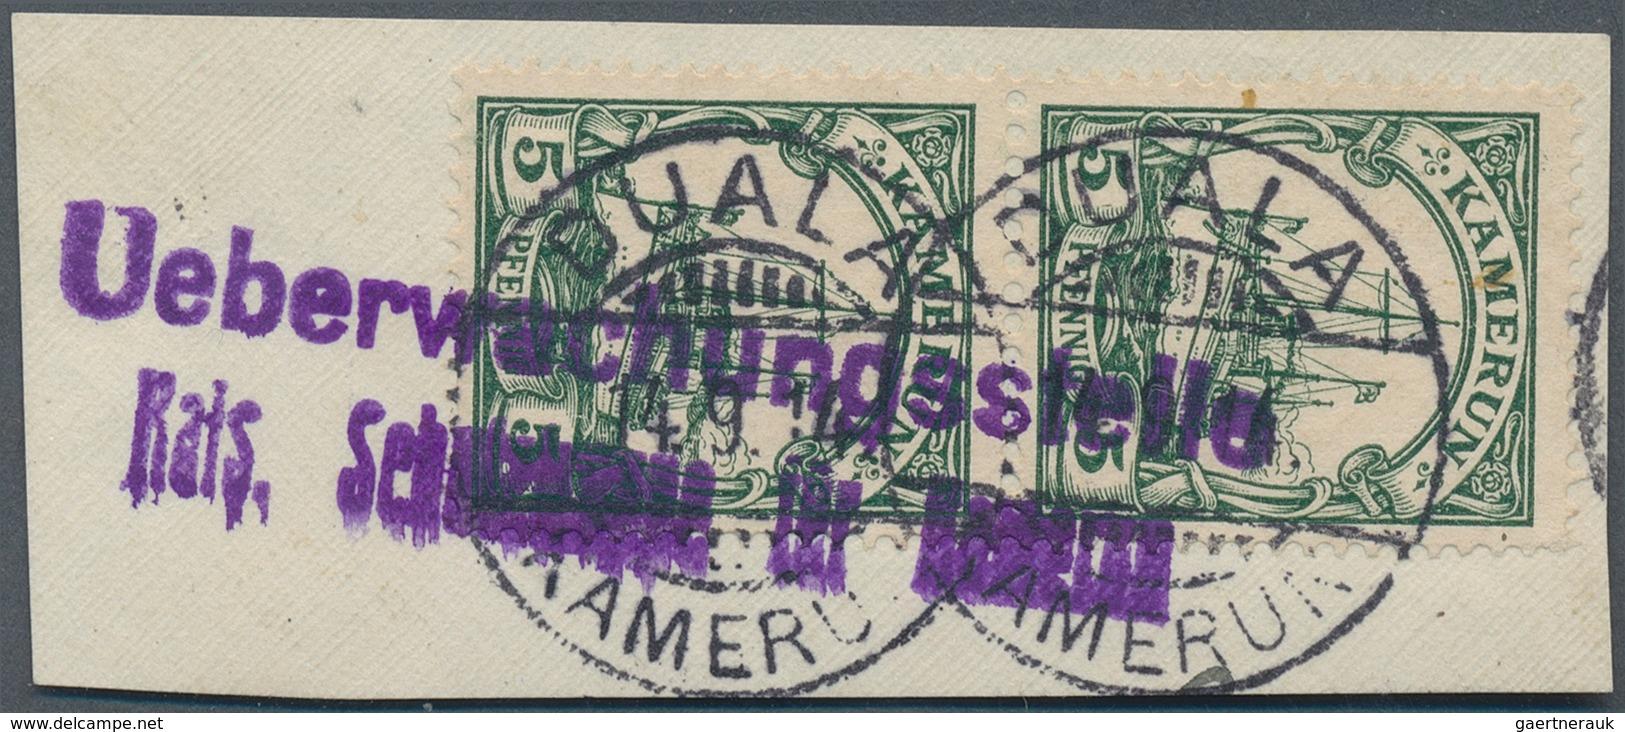 Deutsche Kolonien - Kamerun - Stempel: 1914, Briefstück Mit Senkrechtem Paar Kaiserjacht Gestempelt - Kolonie: Kamerun